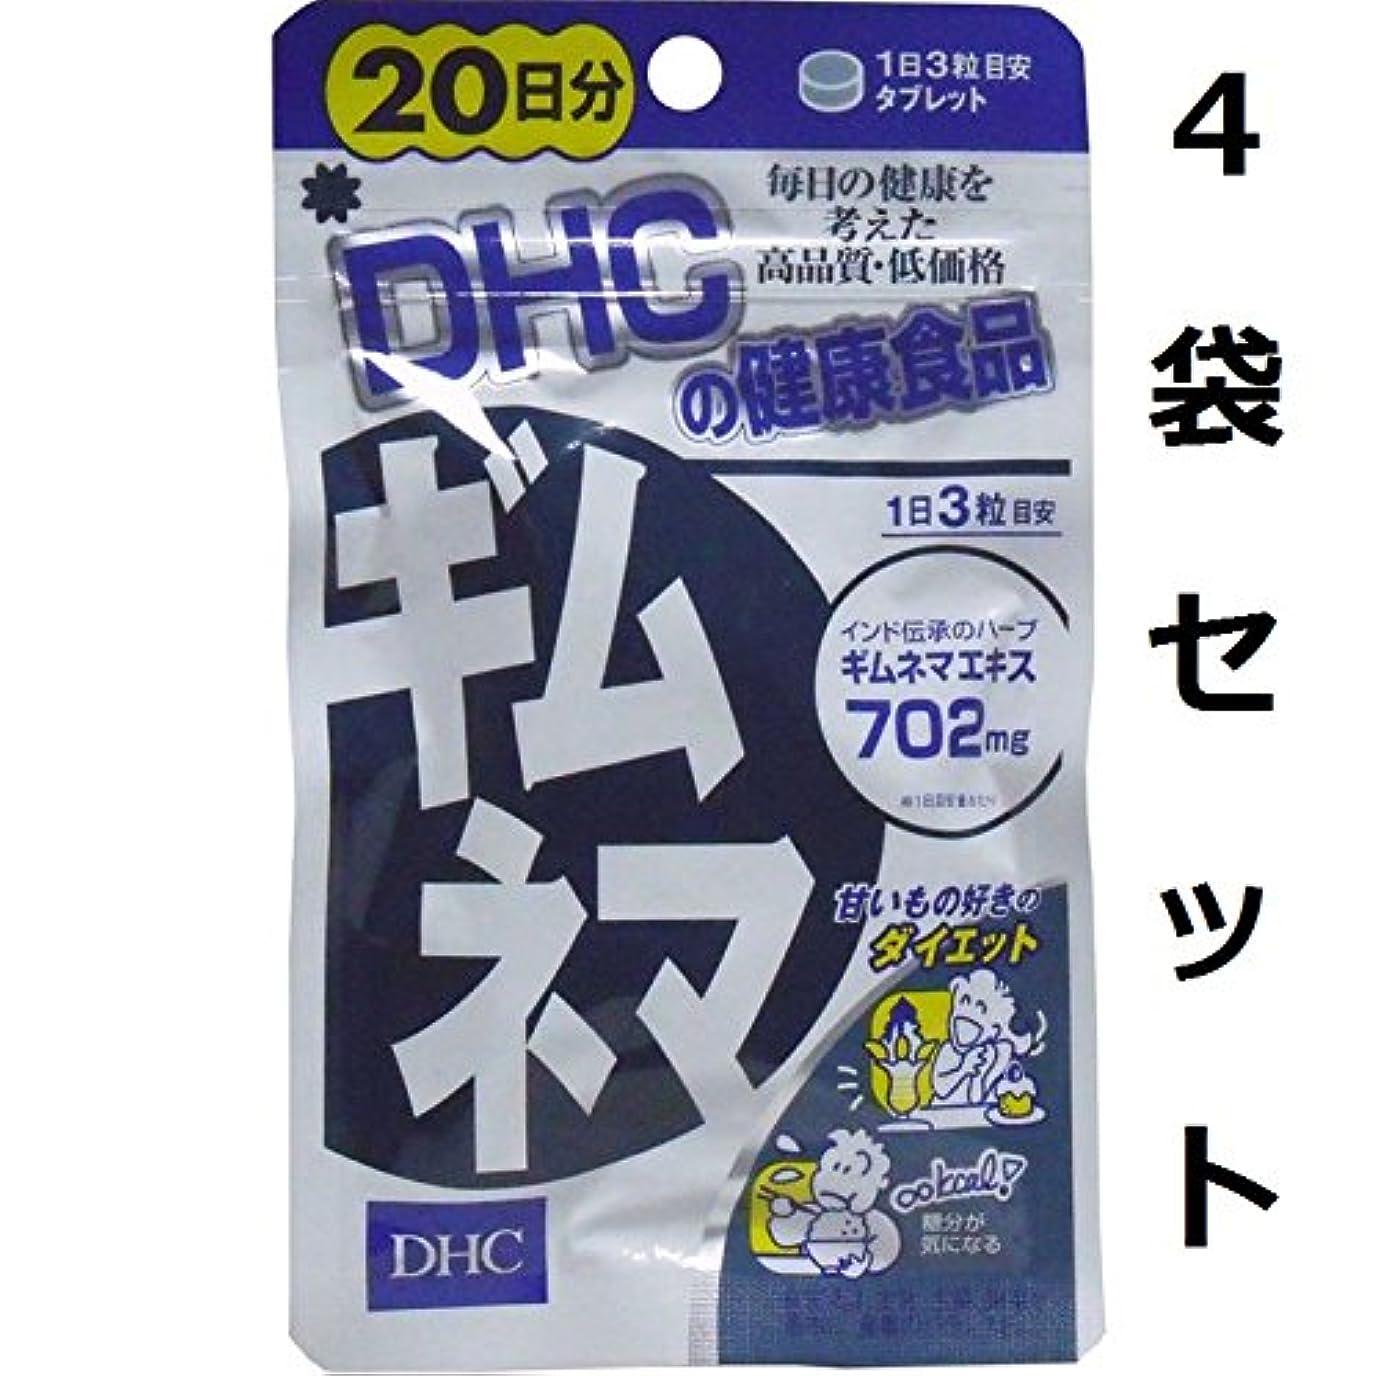 白内障運動コンクリート我慢せずに余分な糖分をブロック DHC ギムネマ 20日分 60粒 4袋セット